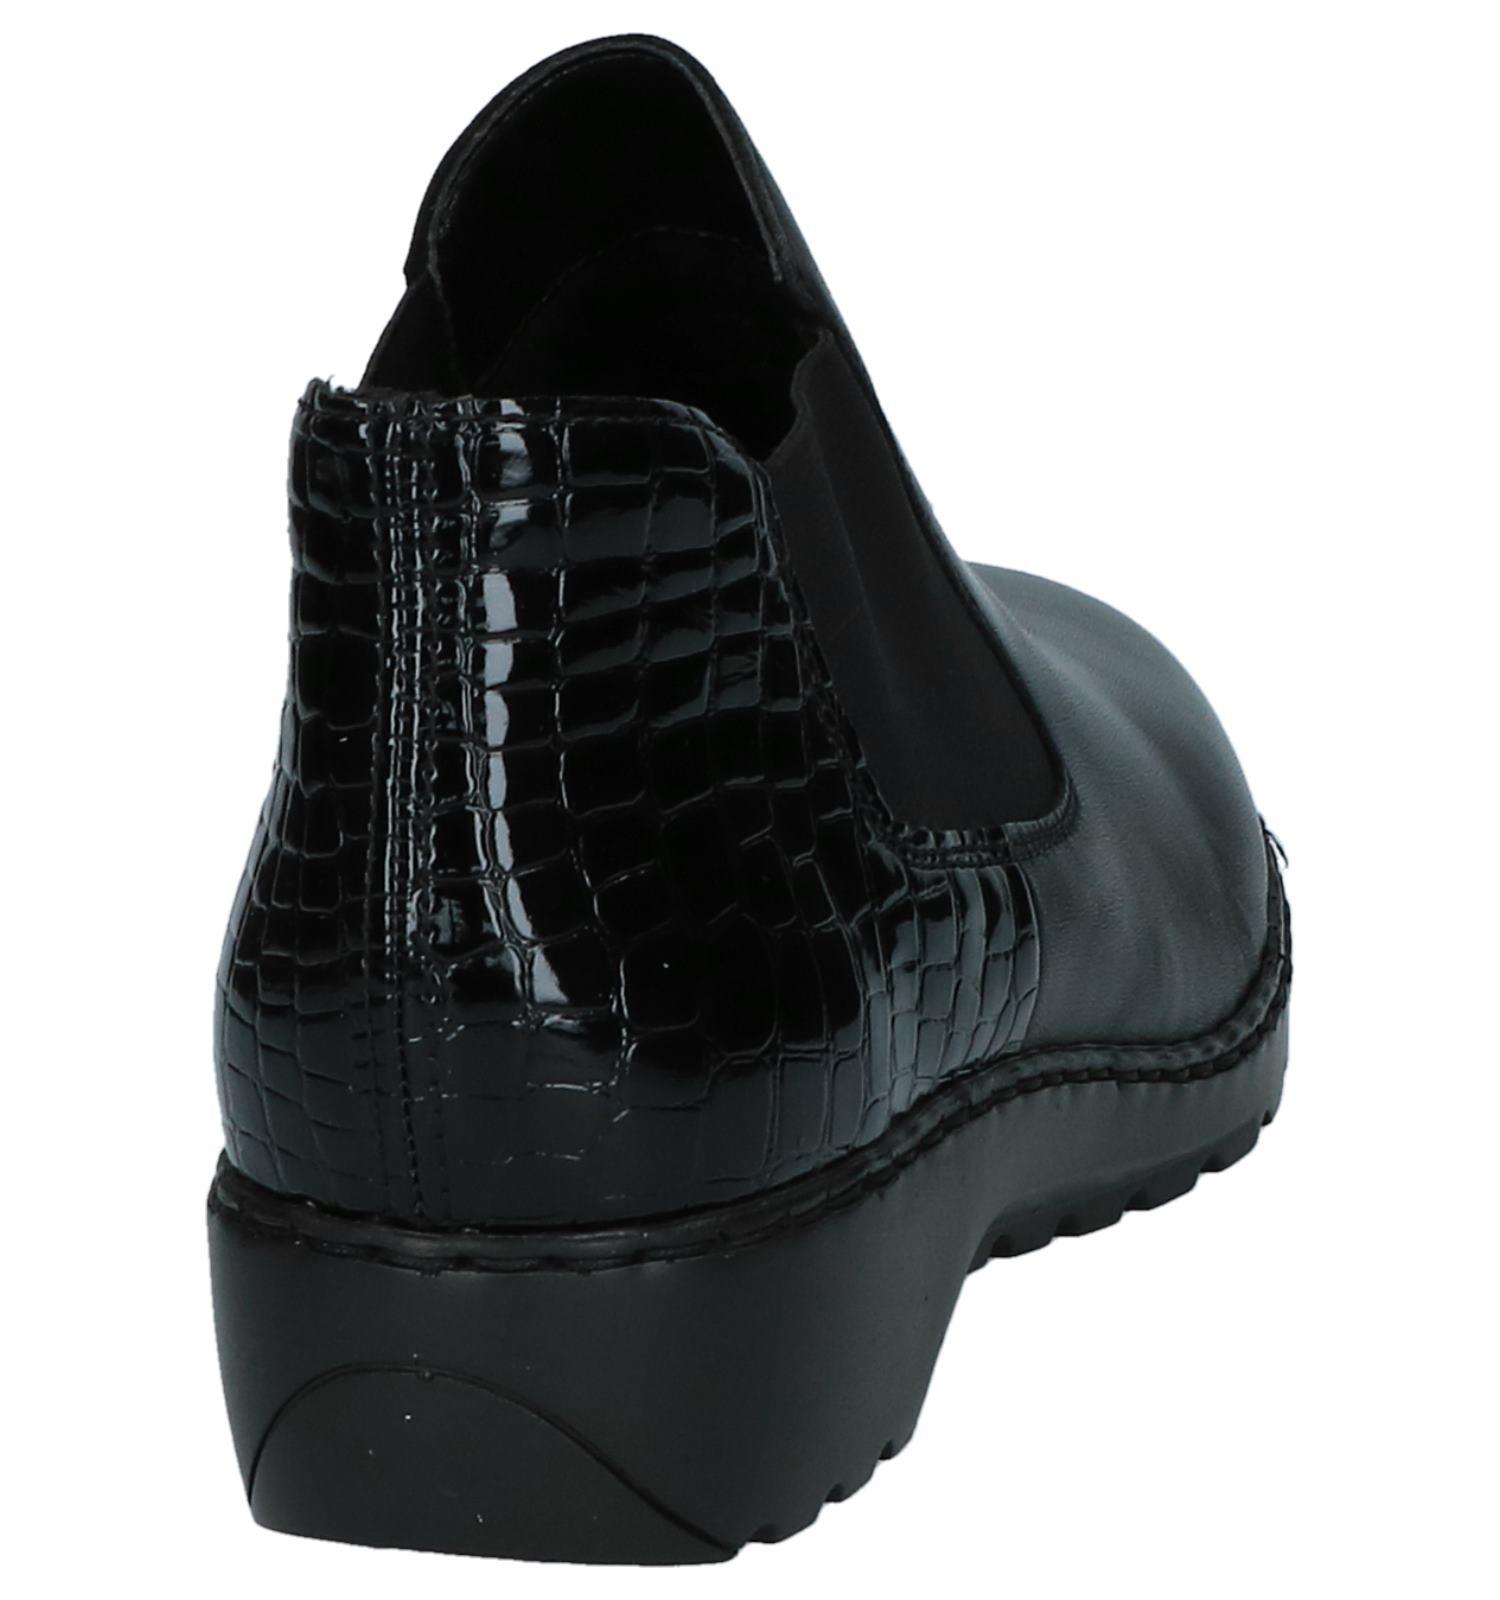 Zwarte Boots Chelsea Rieker Chelsea Rieker Chelsea Chelsea Zwarte Zwarte Boots Rieker Rieker Zwarte Boots PkXN8nw0O